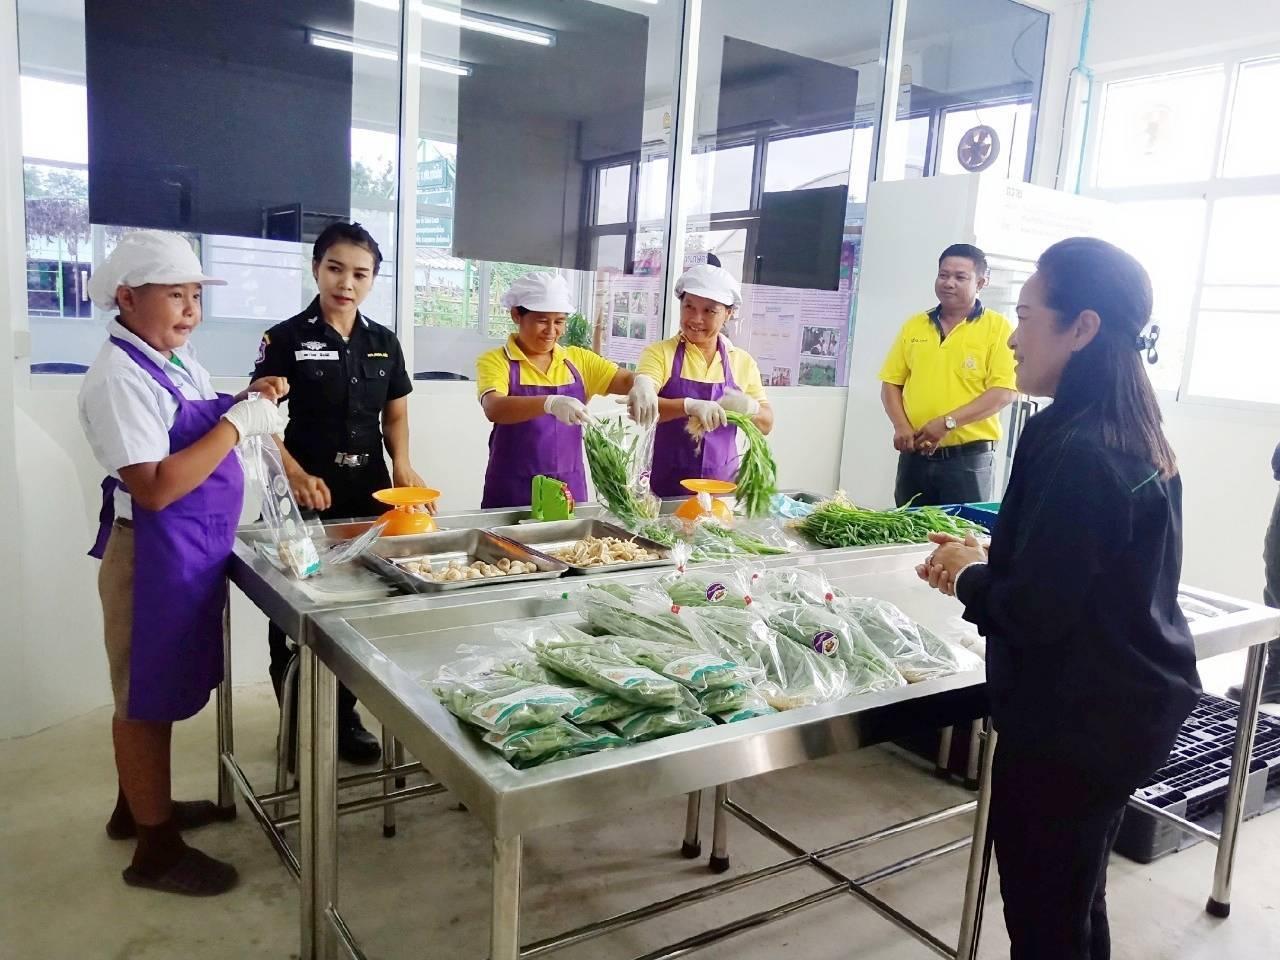 โครงการเกษตรเพื่ออาหารกลางวัน ที่โรงเรียนตำรวจตระเวนชายแดนการบินไทย